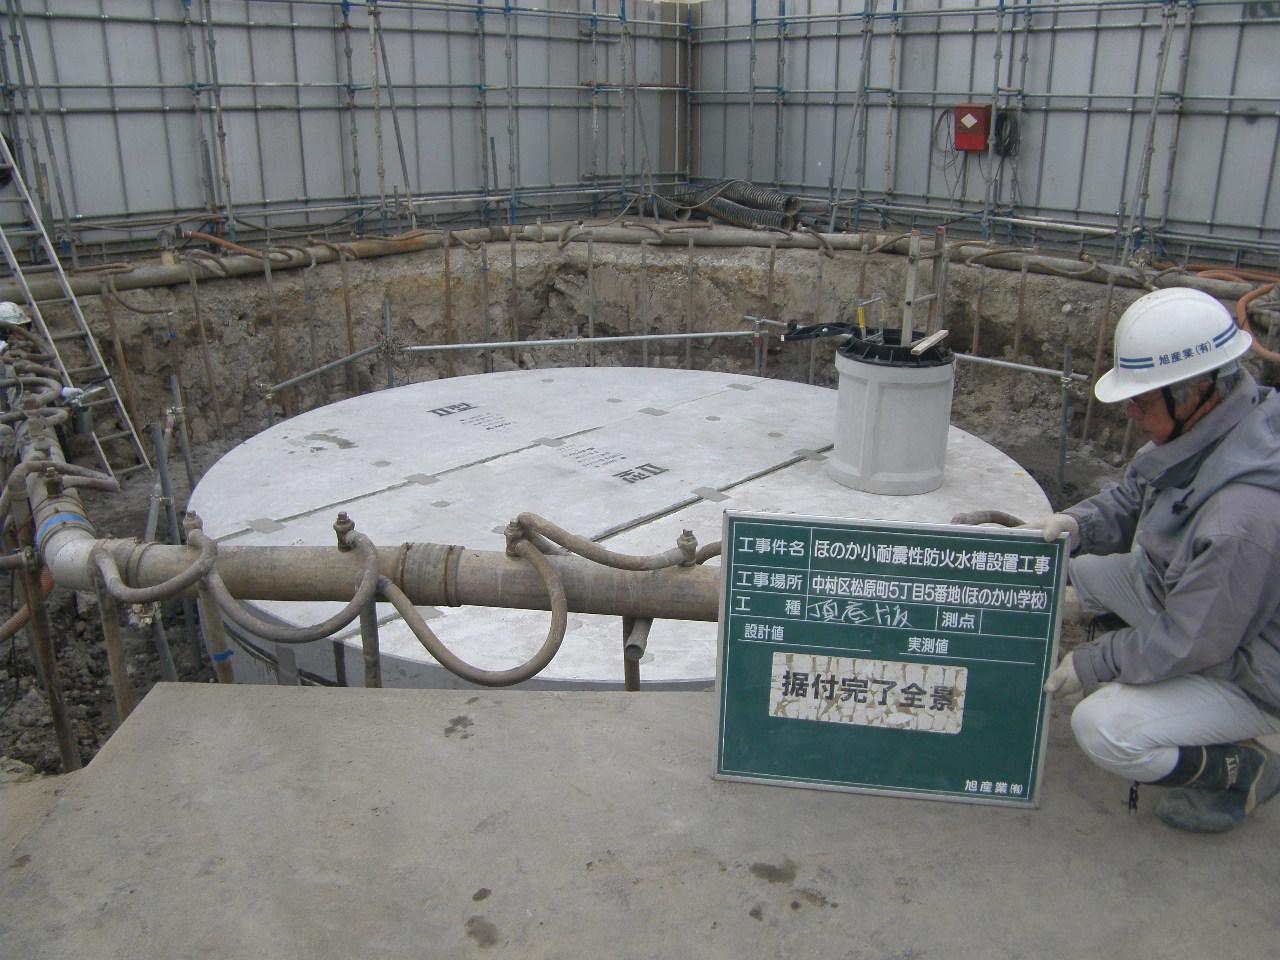 防火水槽設置完了